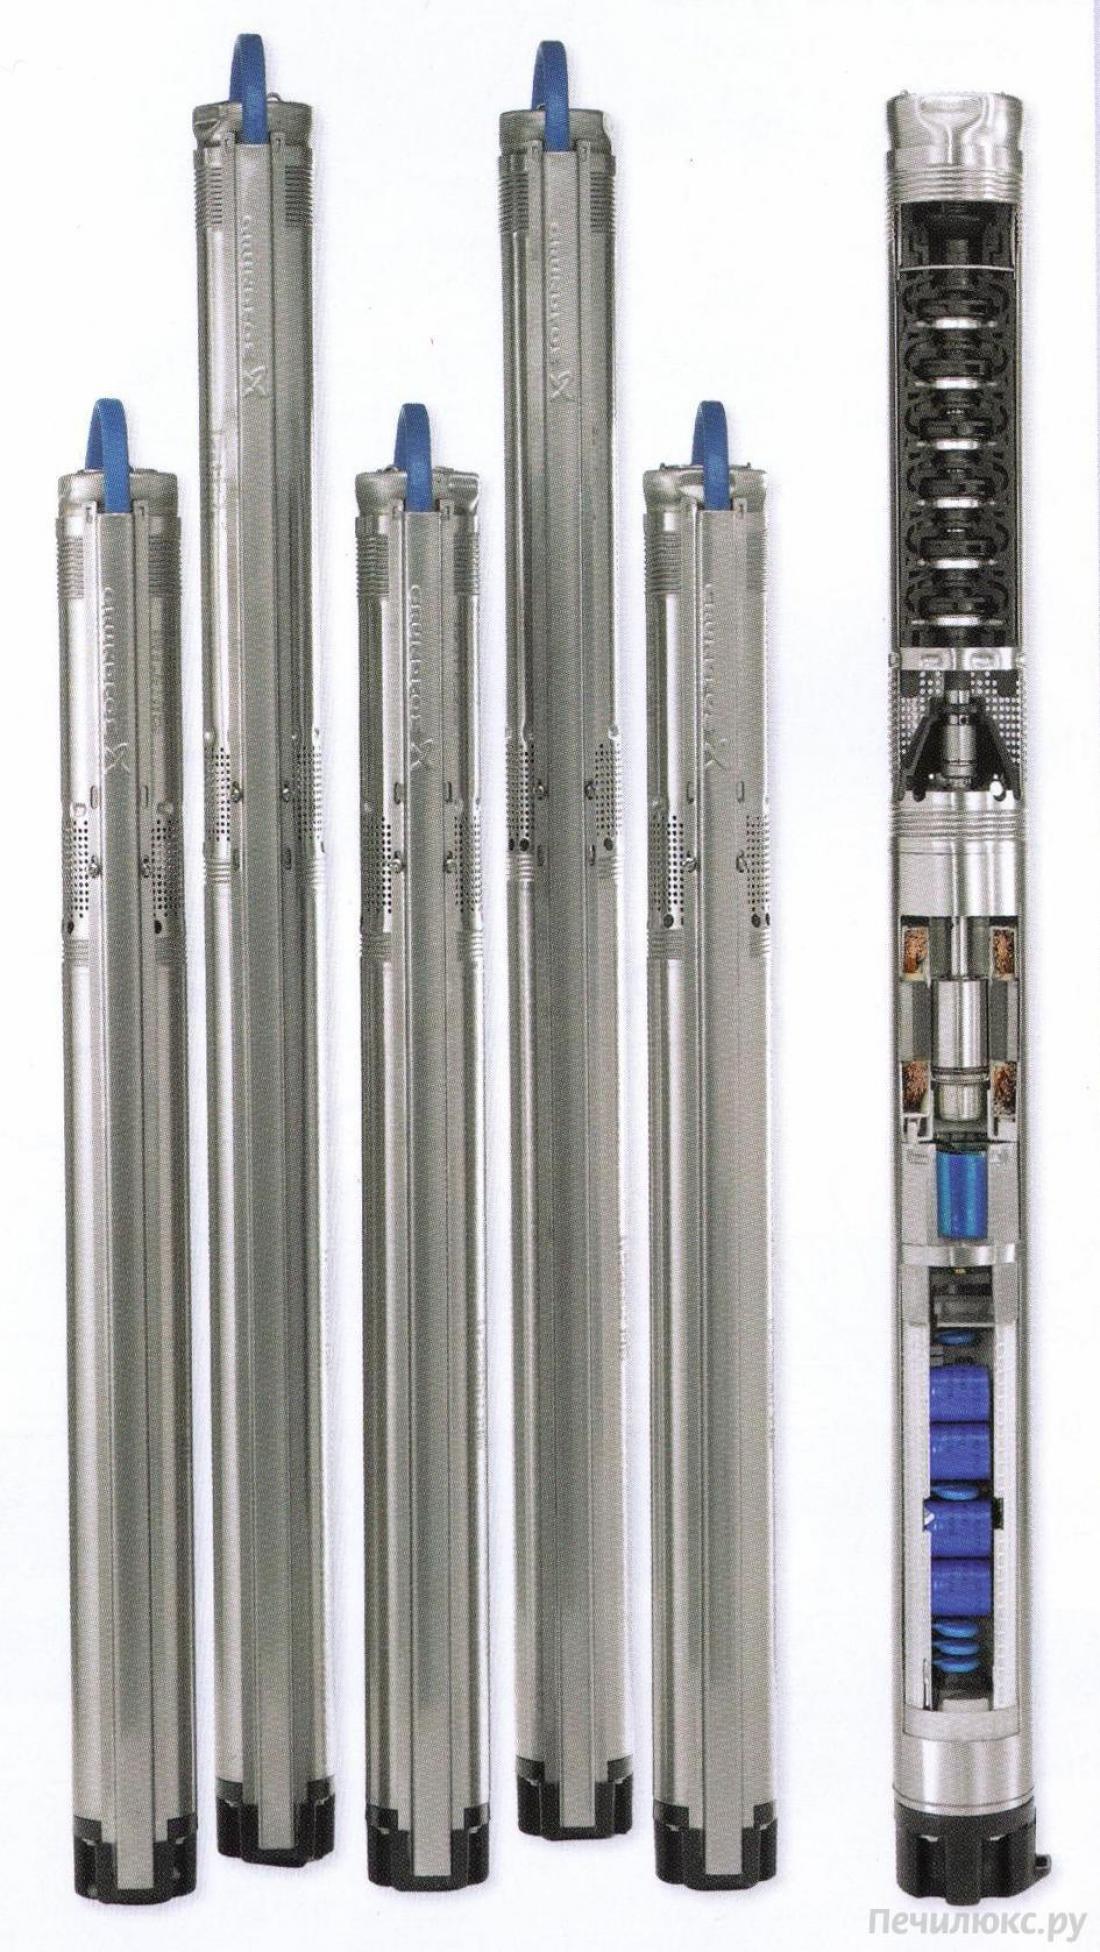 SQE 5- 35     1.15kW 200-240V 50/60Hz